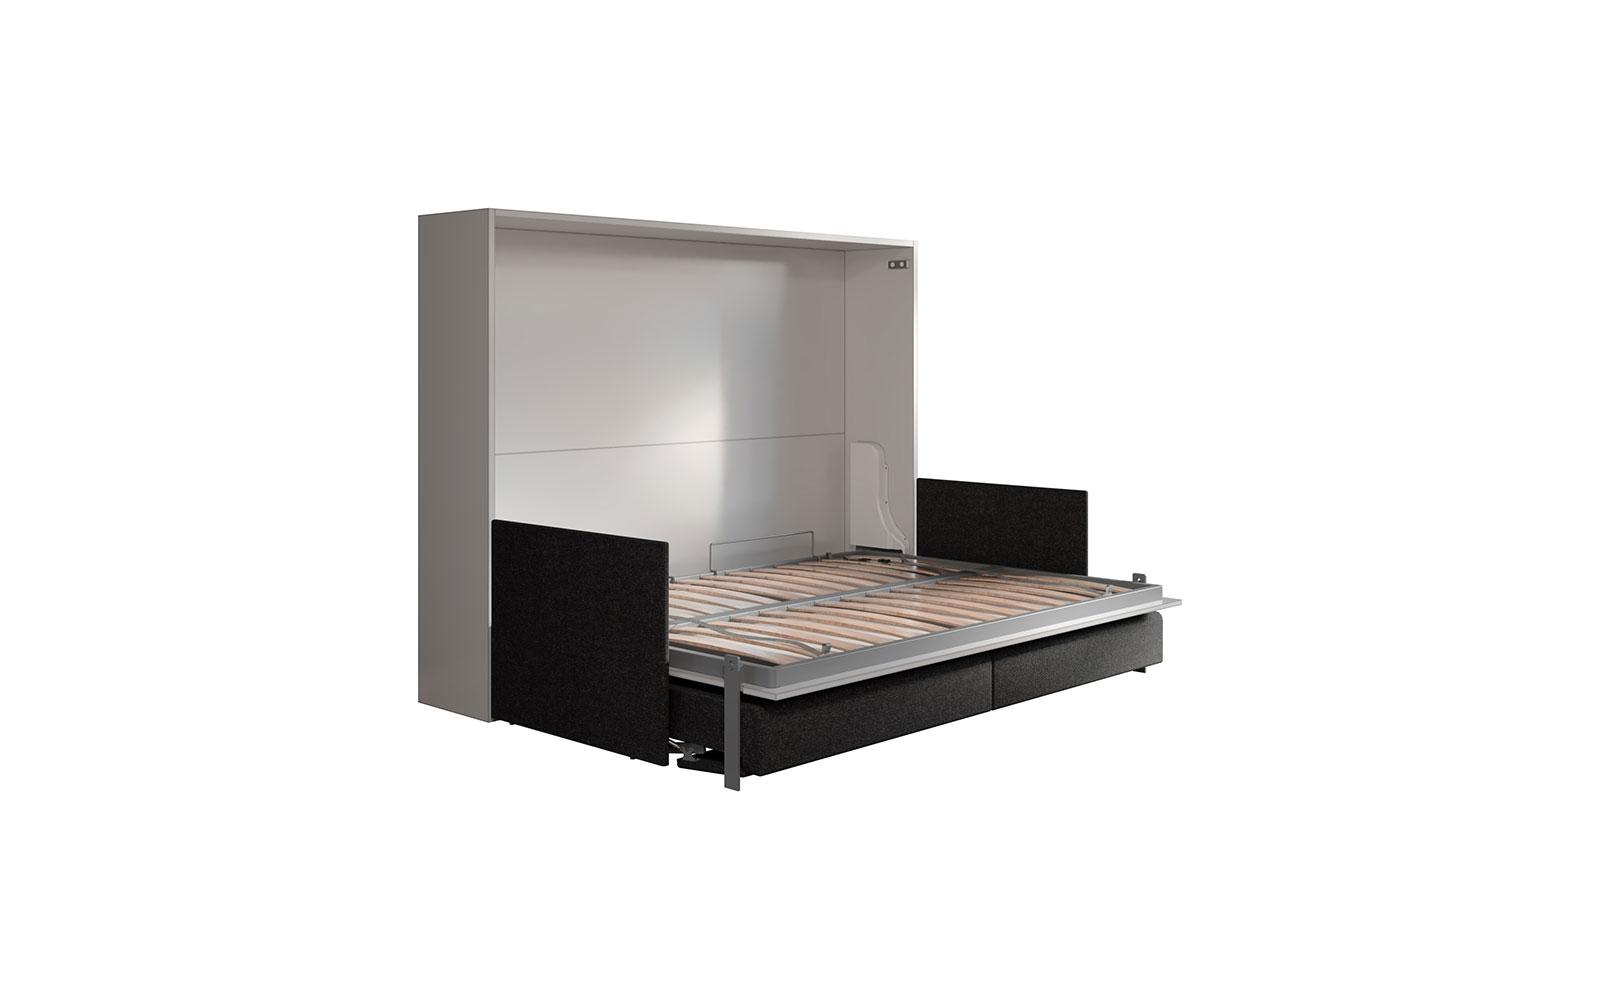 Soffio Sofa 140 Slim - Letto a scomparsa orizzontale due piazze con divano  automatico